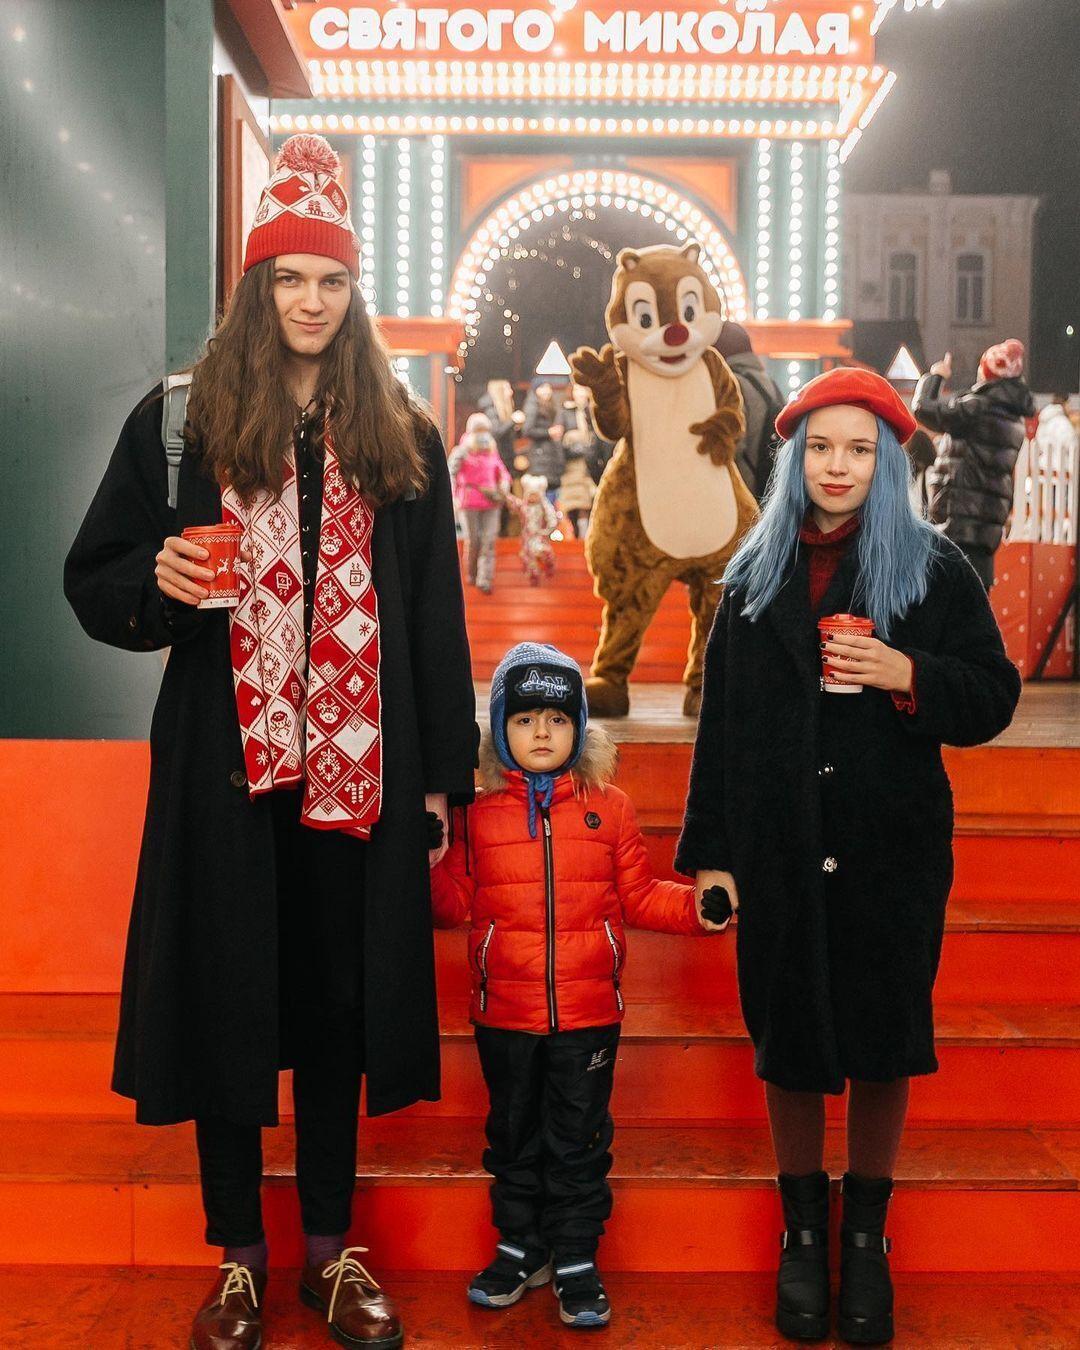 Син Ірини Білик Гліб зі своїм братом Табрізом та дівчиною Алісою